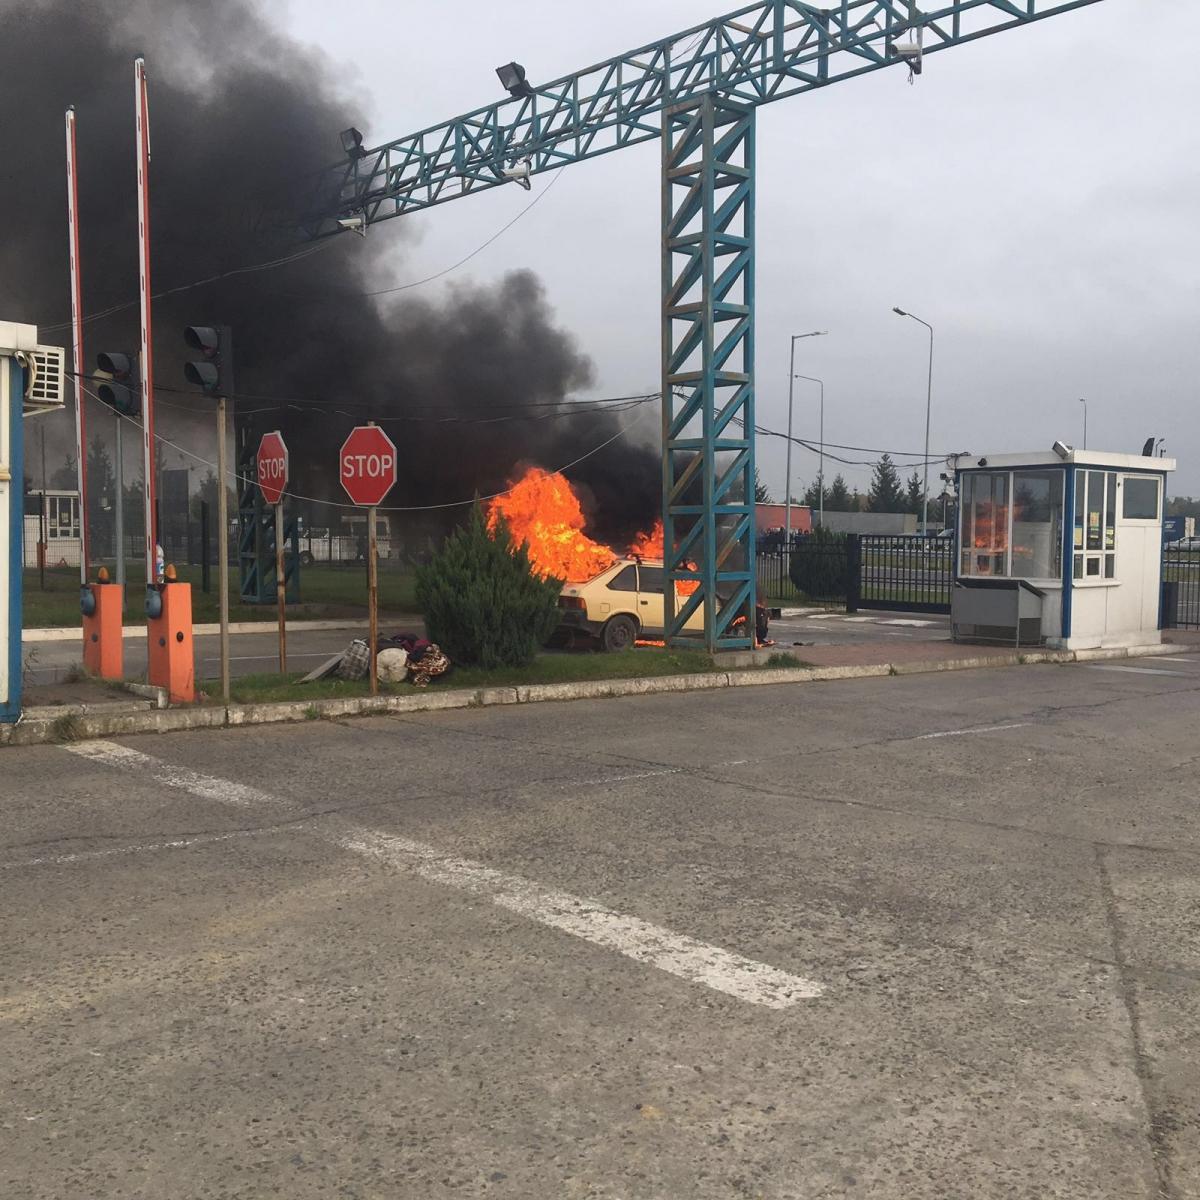 Упункті пропуску «Краківець» накордоні зПольщею загорівся автомобіль